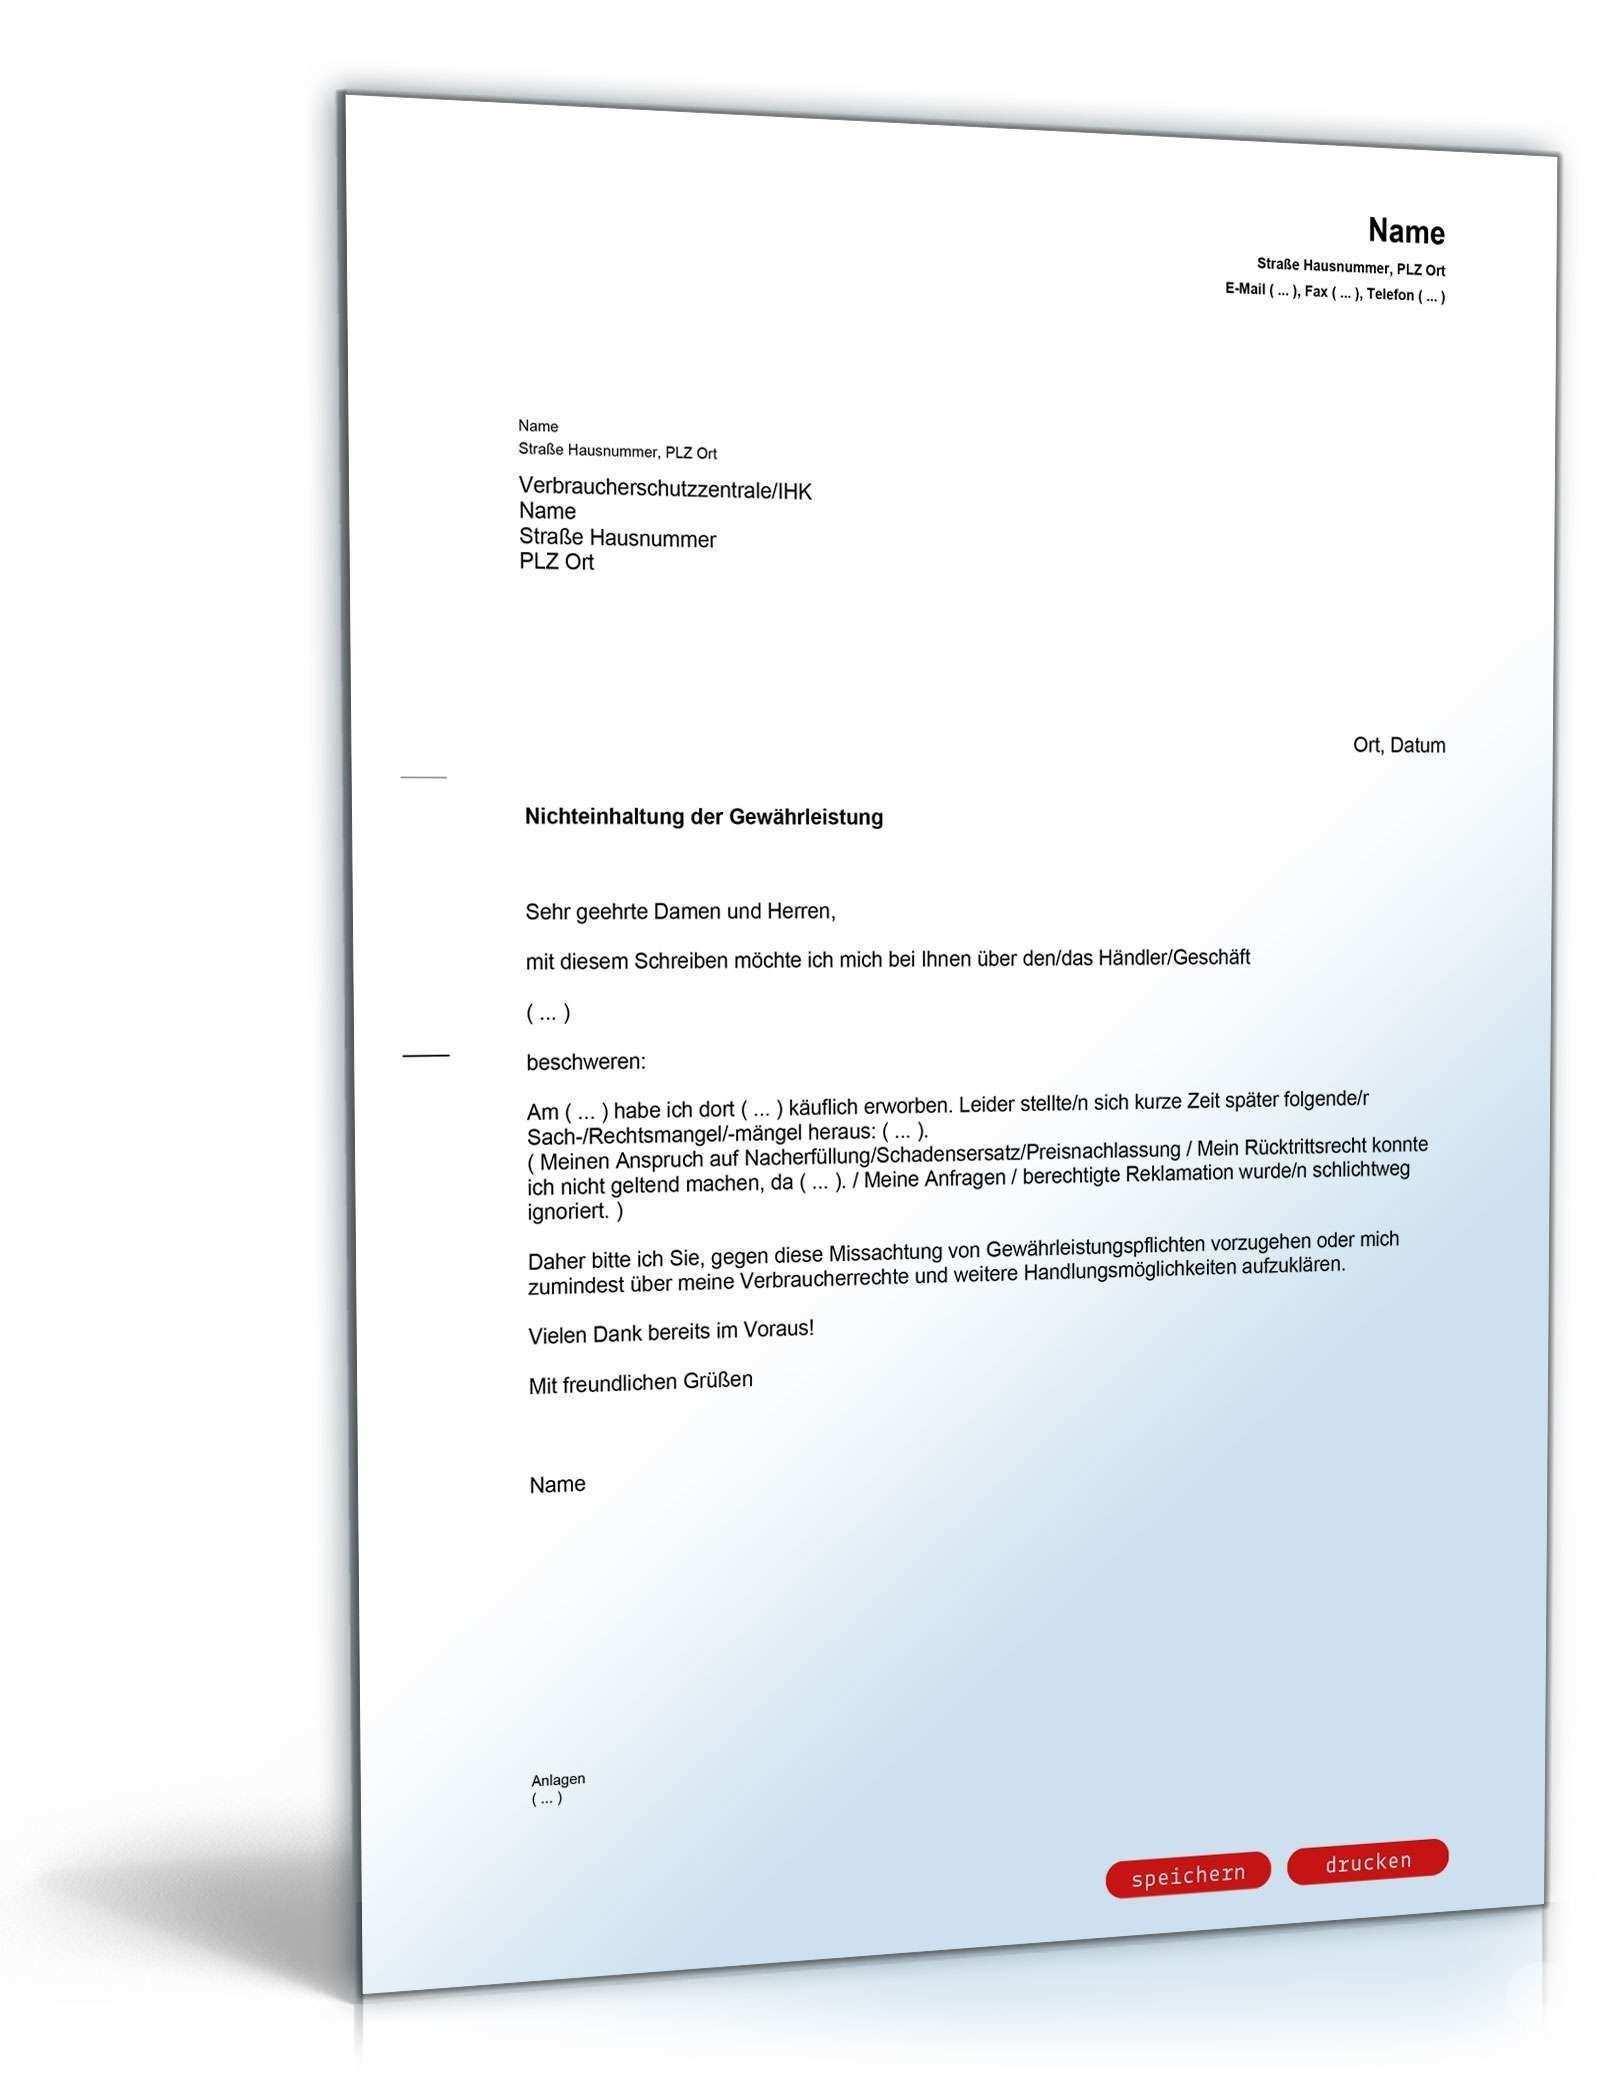 Frisch Musterschreiben Schadensersatz Briefprobe Briefformat Briefvorlage Lebenslauf Vorlagen Word Empfehlungsschreiben